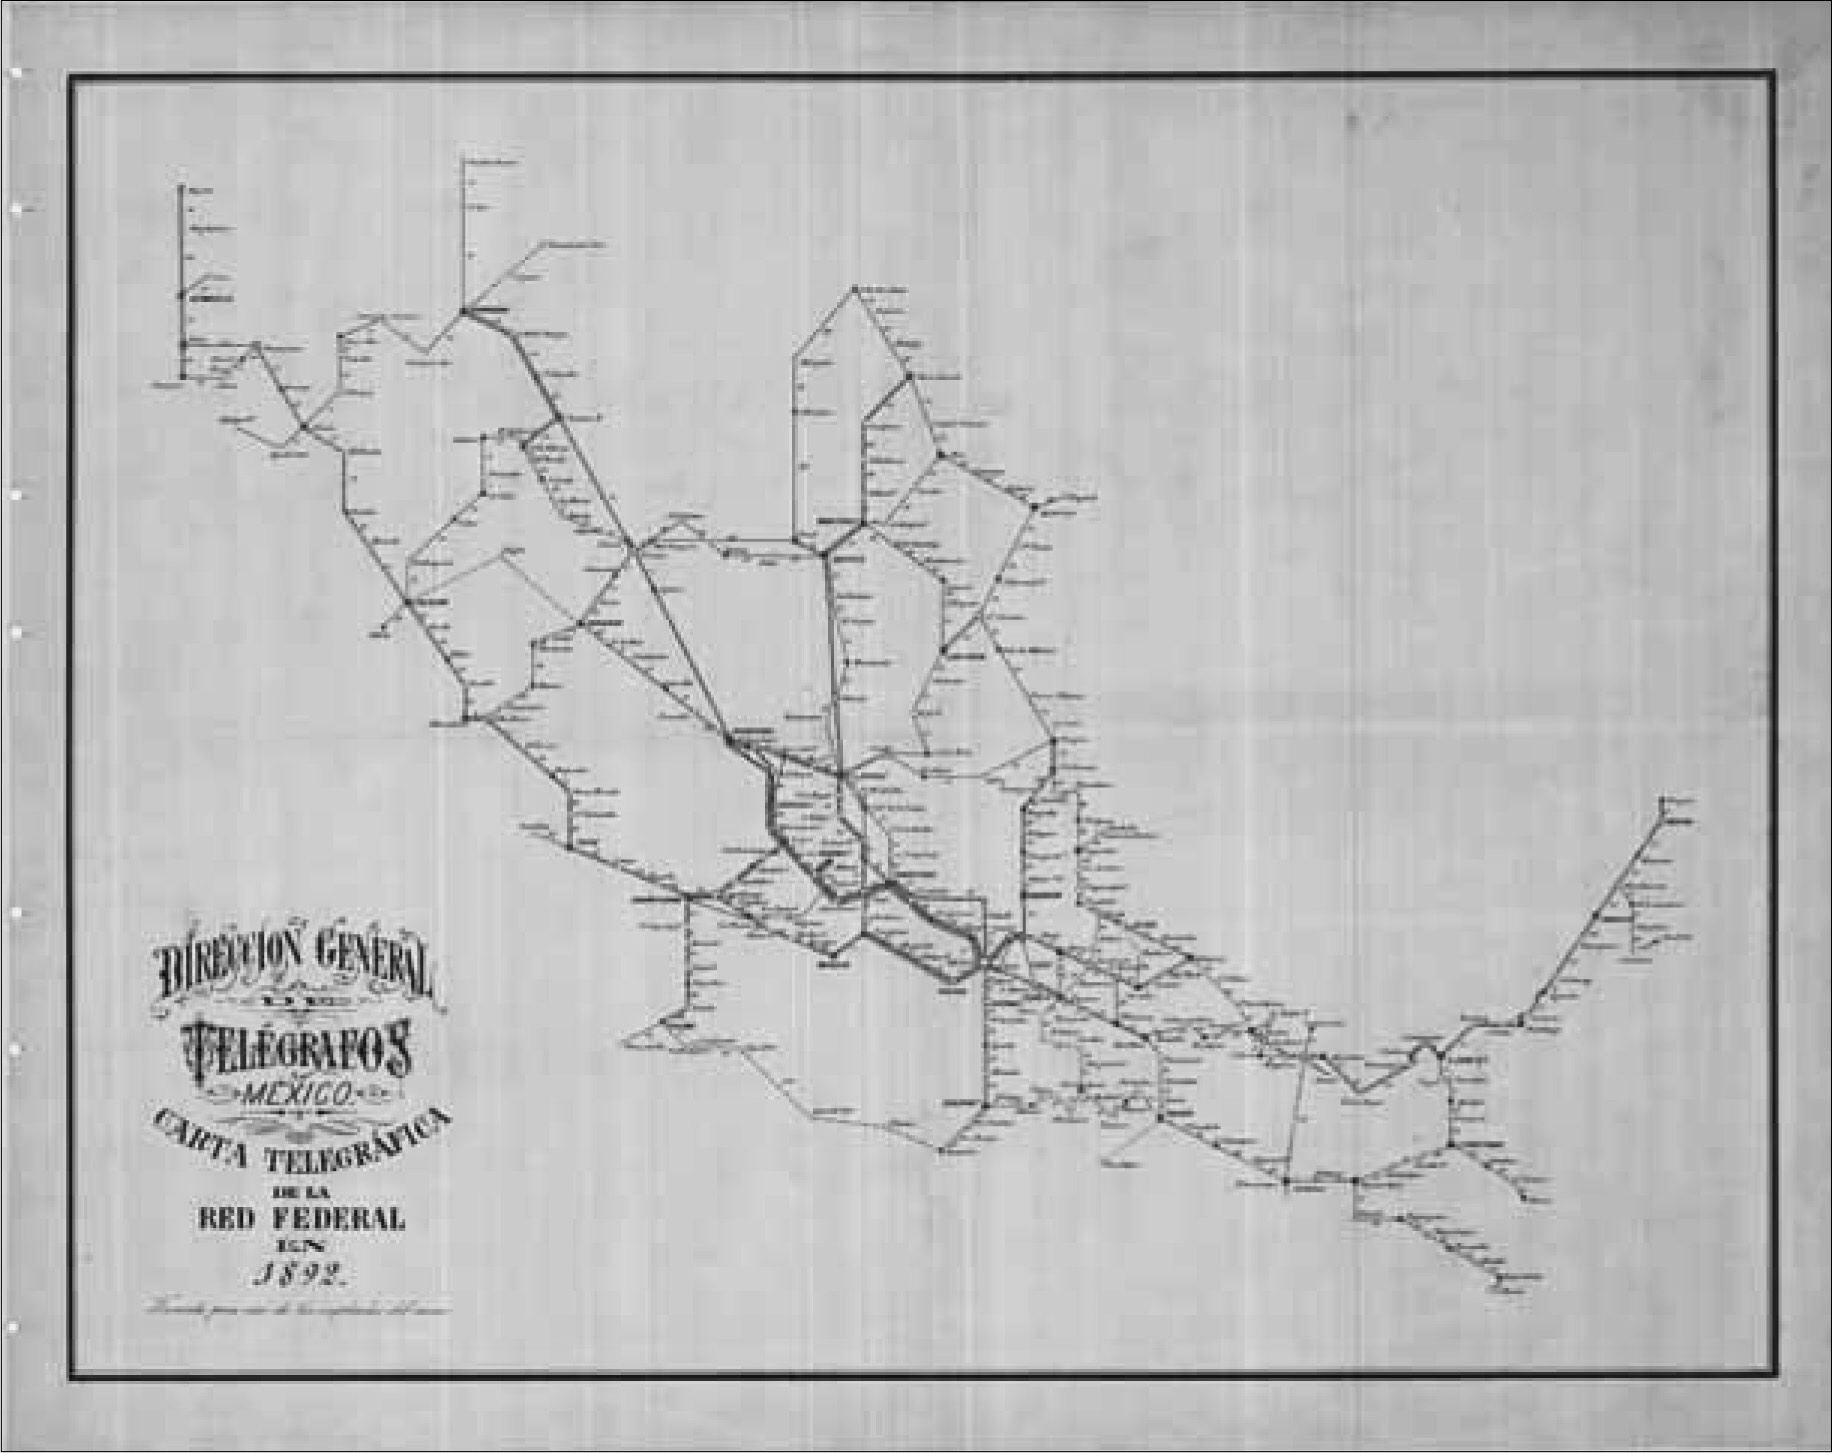 Mapa red telegráfos en México 1892